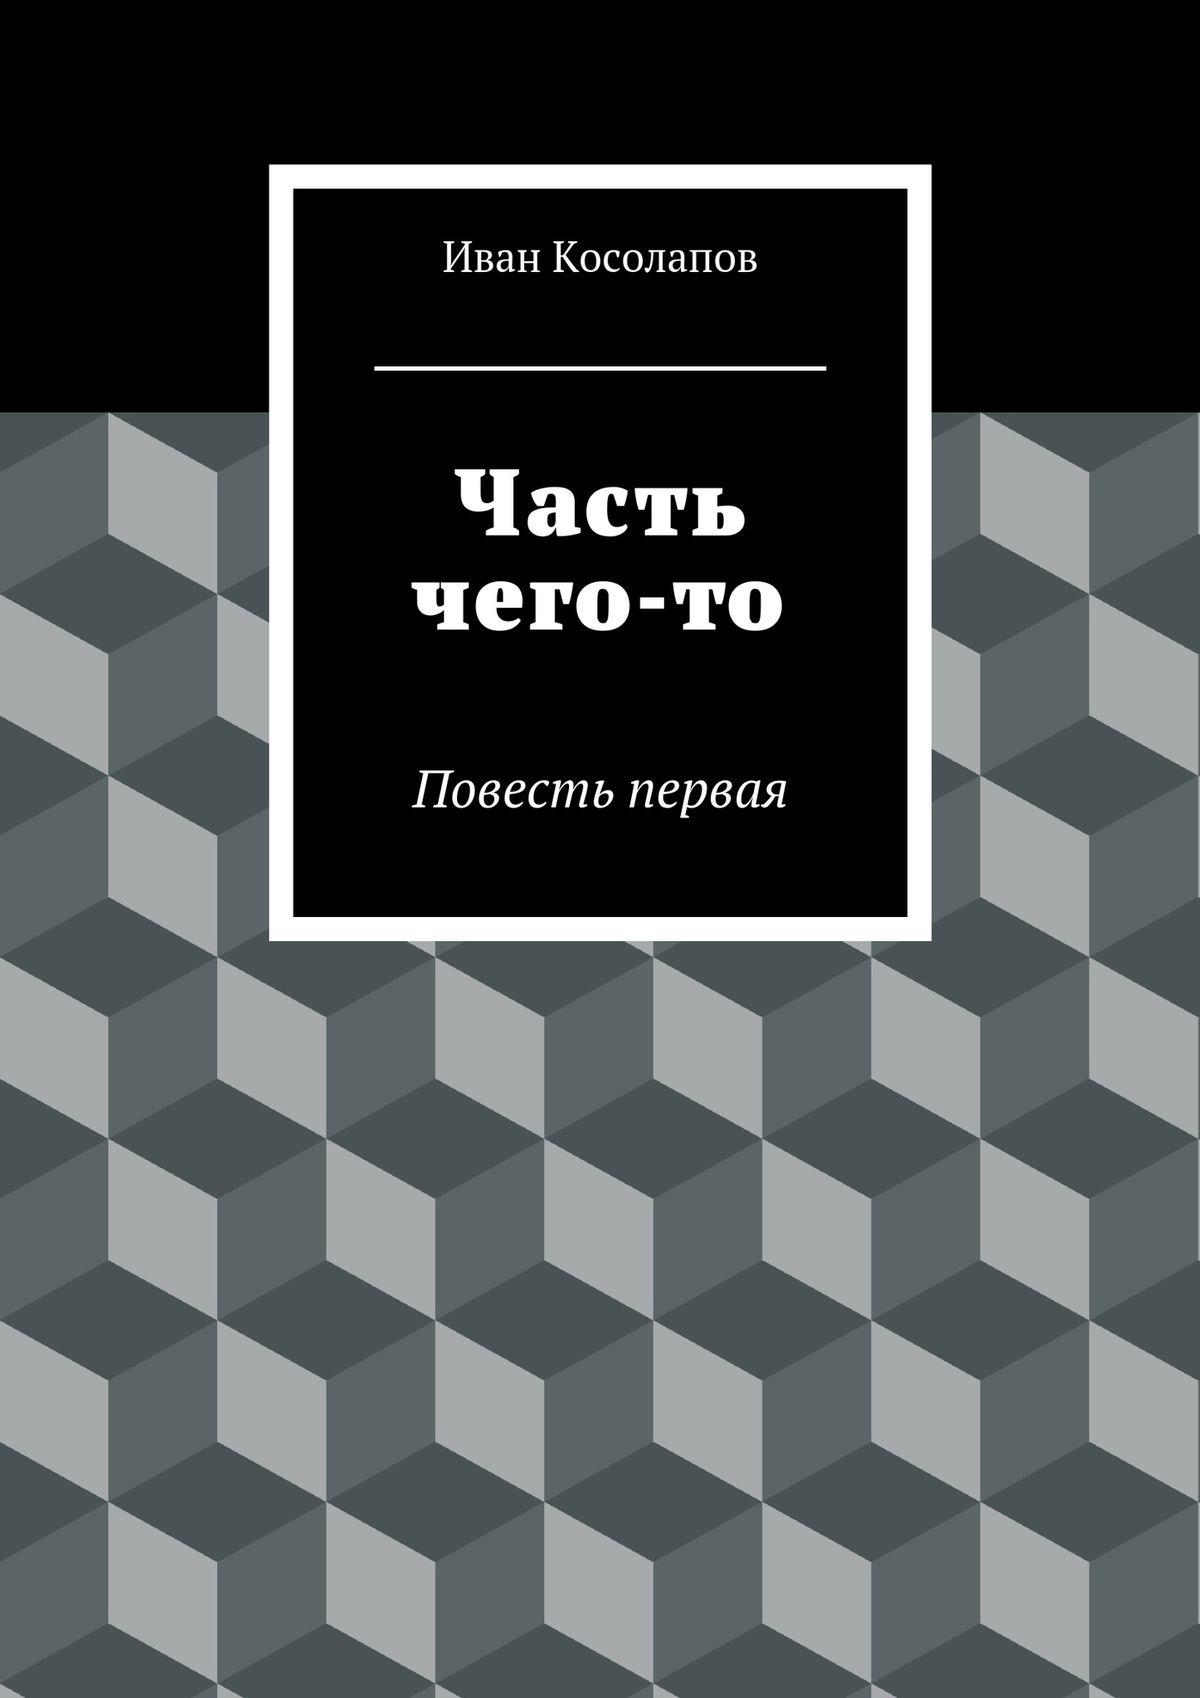 Иван Косолапов Часть чего-то. Повесть первая